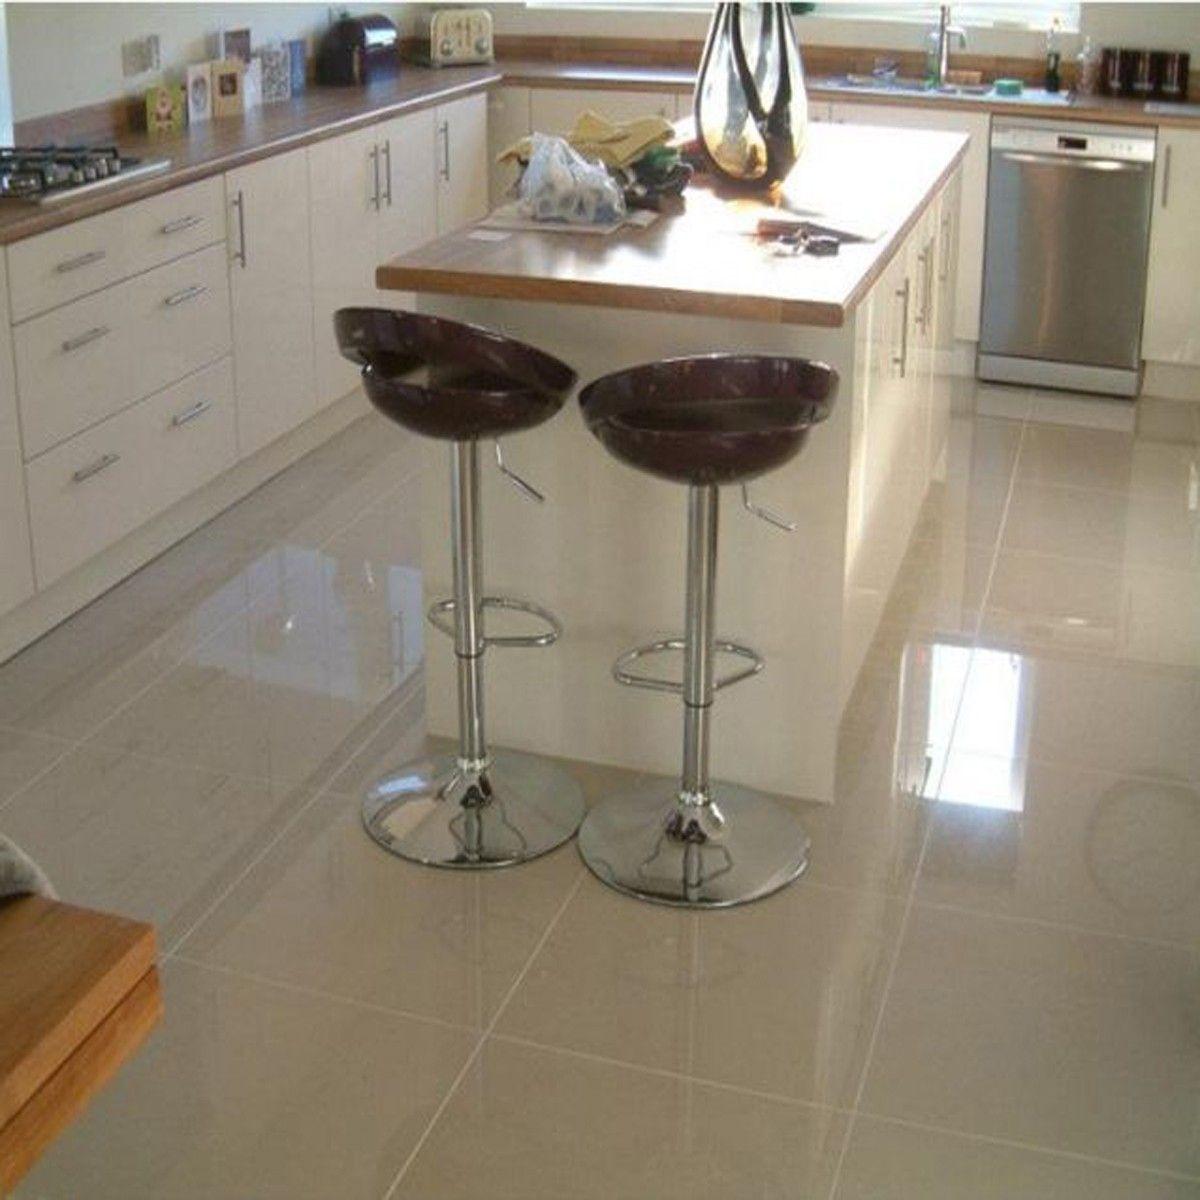 Black Gloss Kitchen Floor Tiles: Black Gloss Porcelain Floor Tile 600x600mm